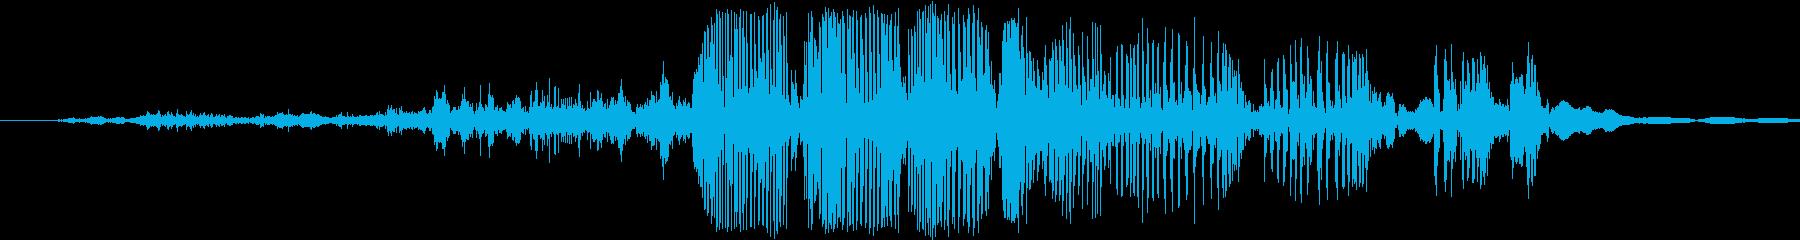 バブルリップの再生済みの波形